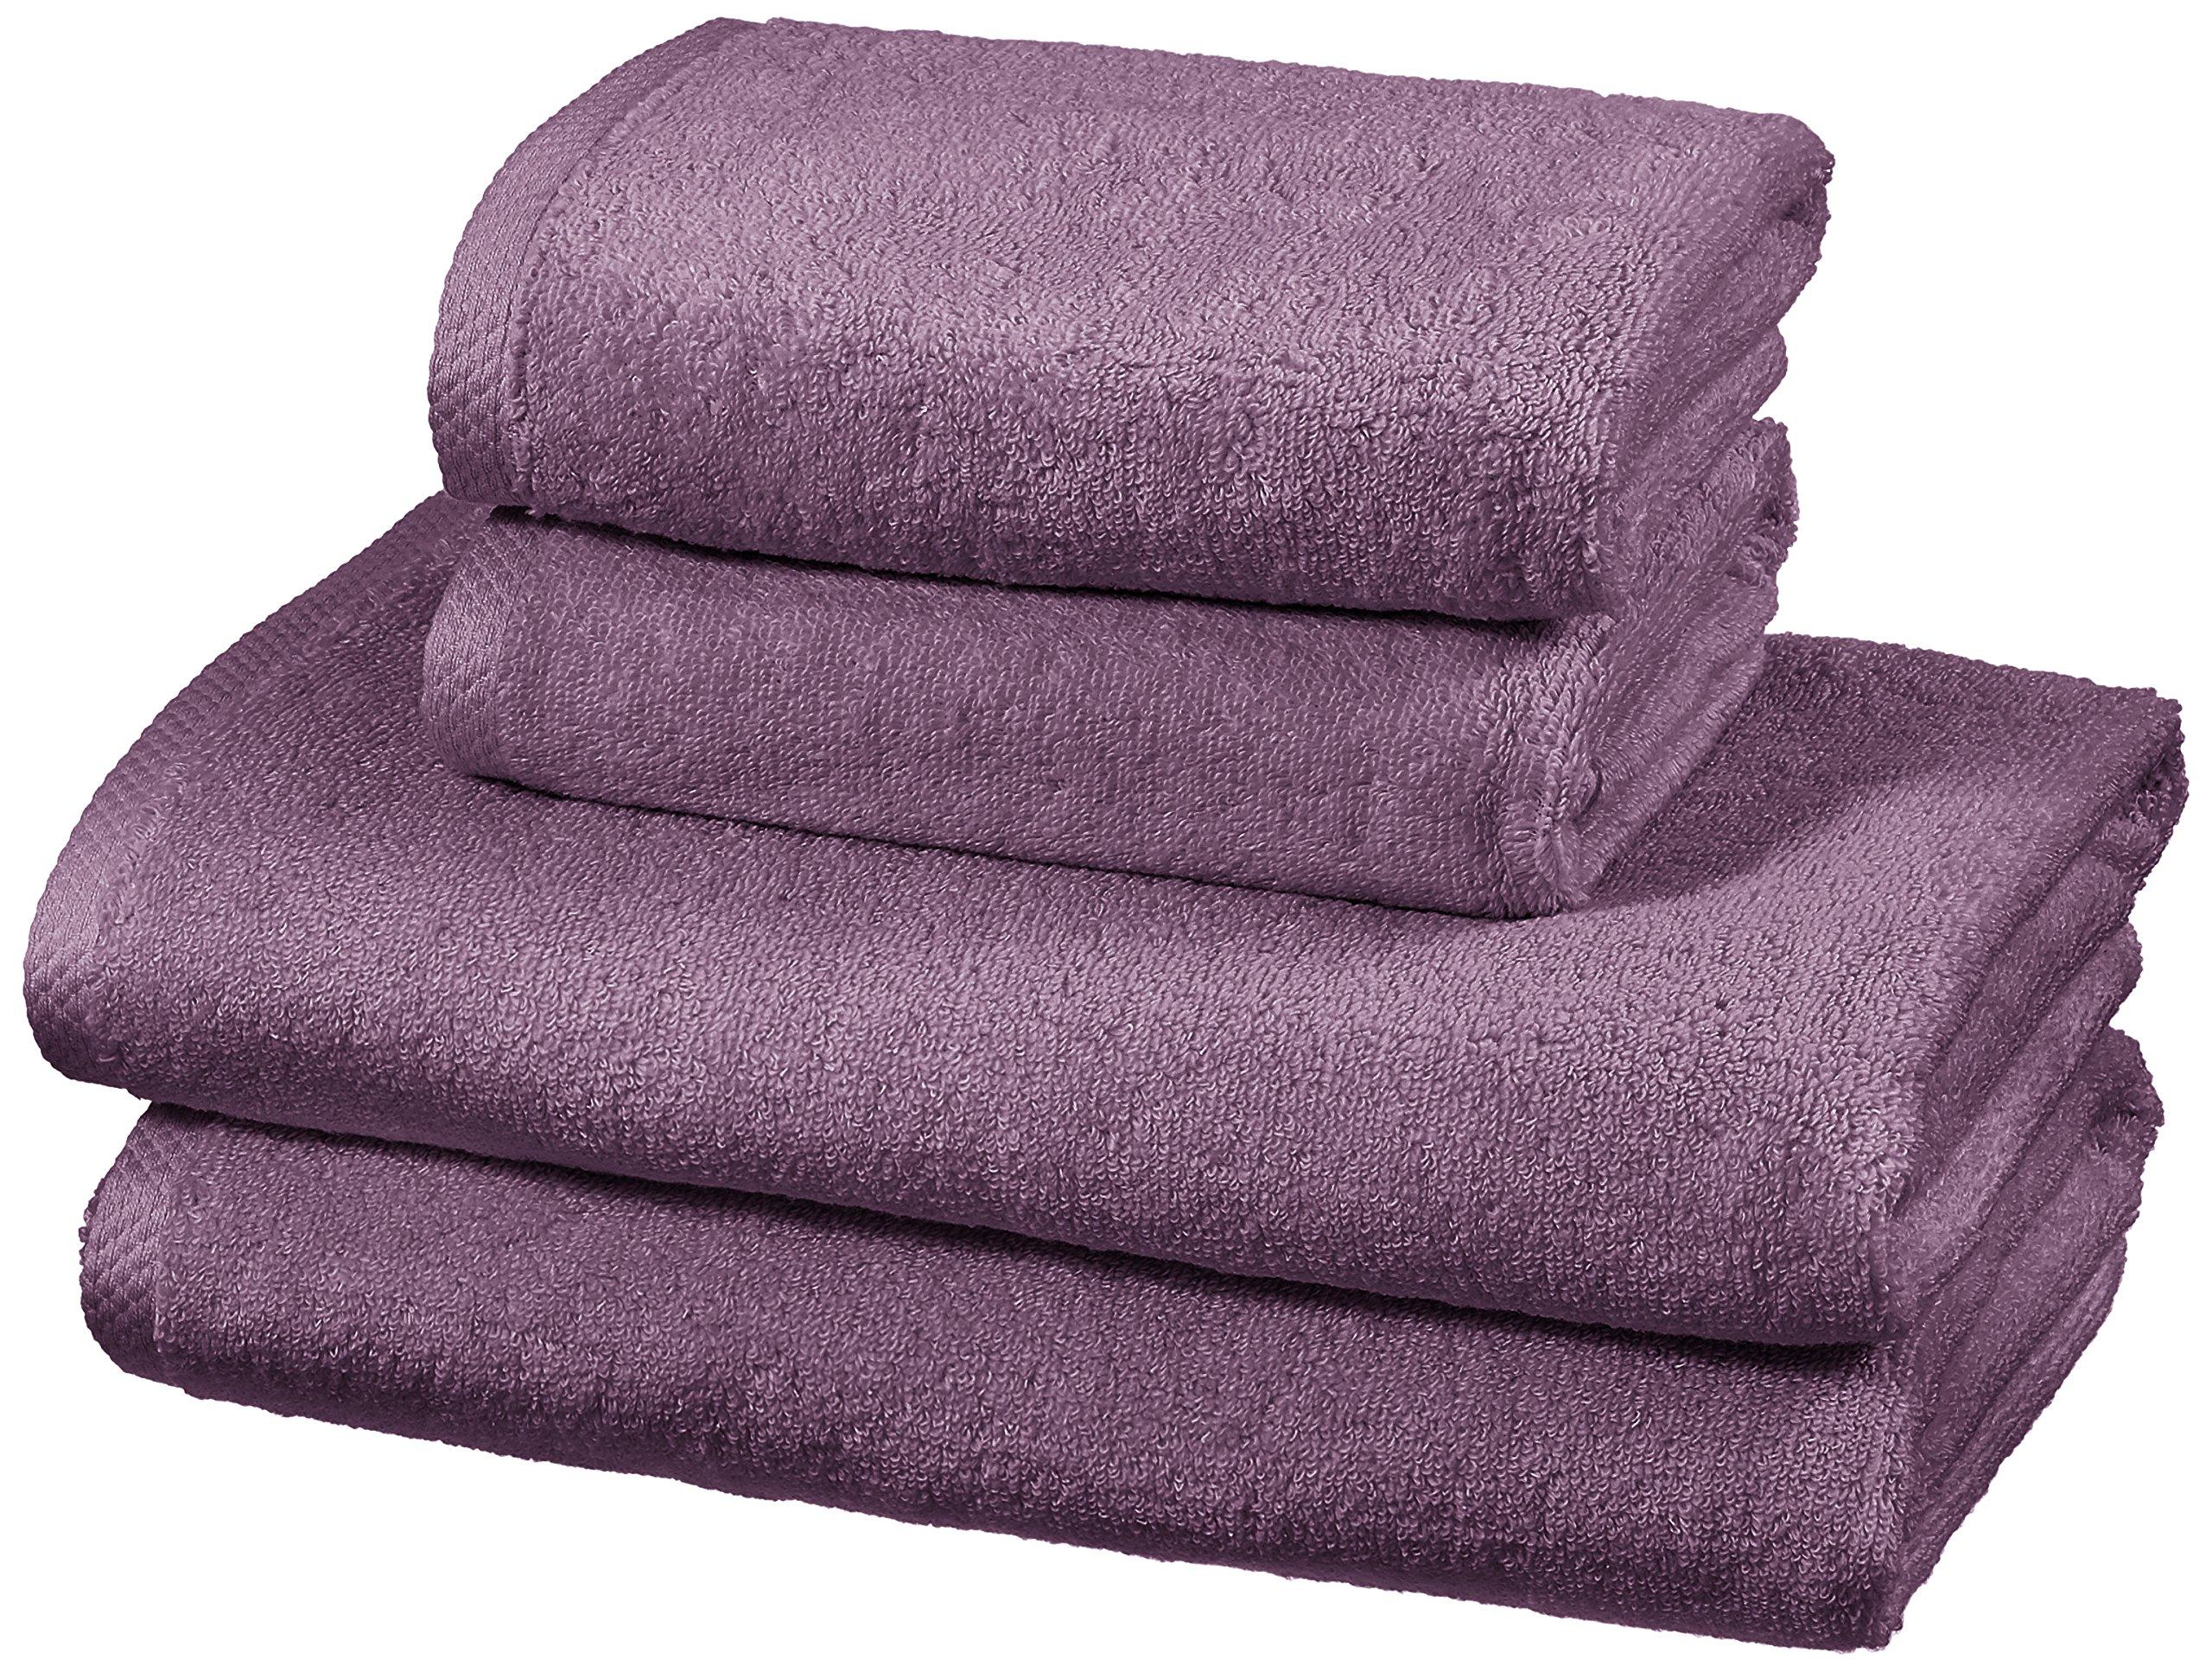 AmazonBasics - Juego de 4 toallas de secado rápido, 2 toallas de baño y 2